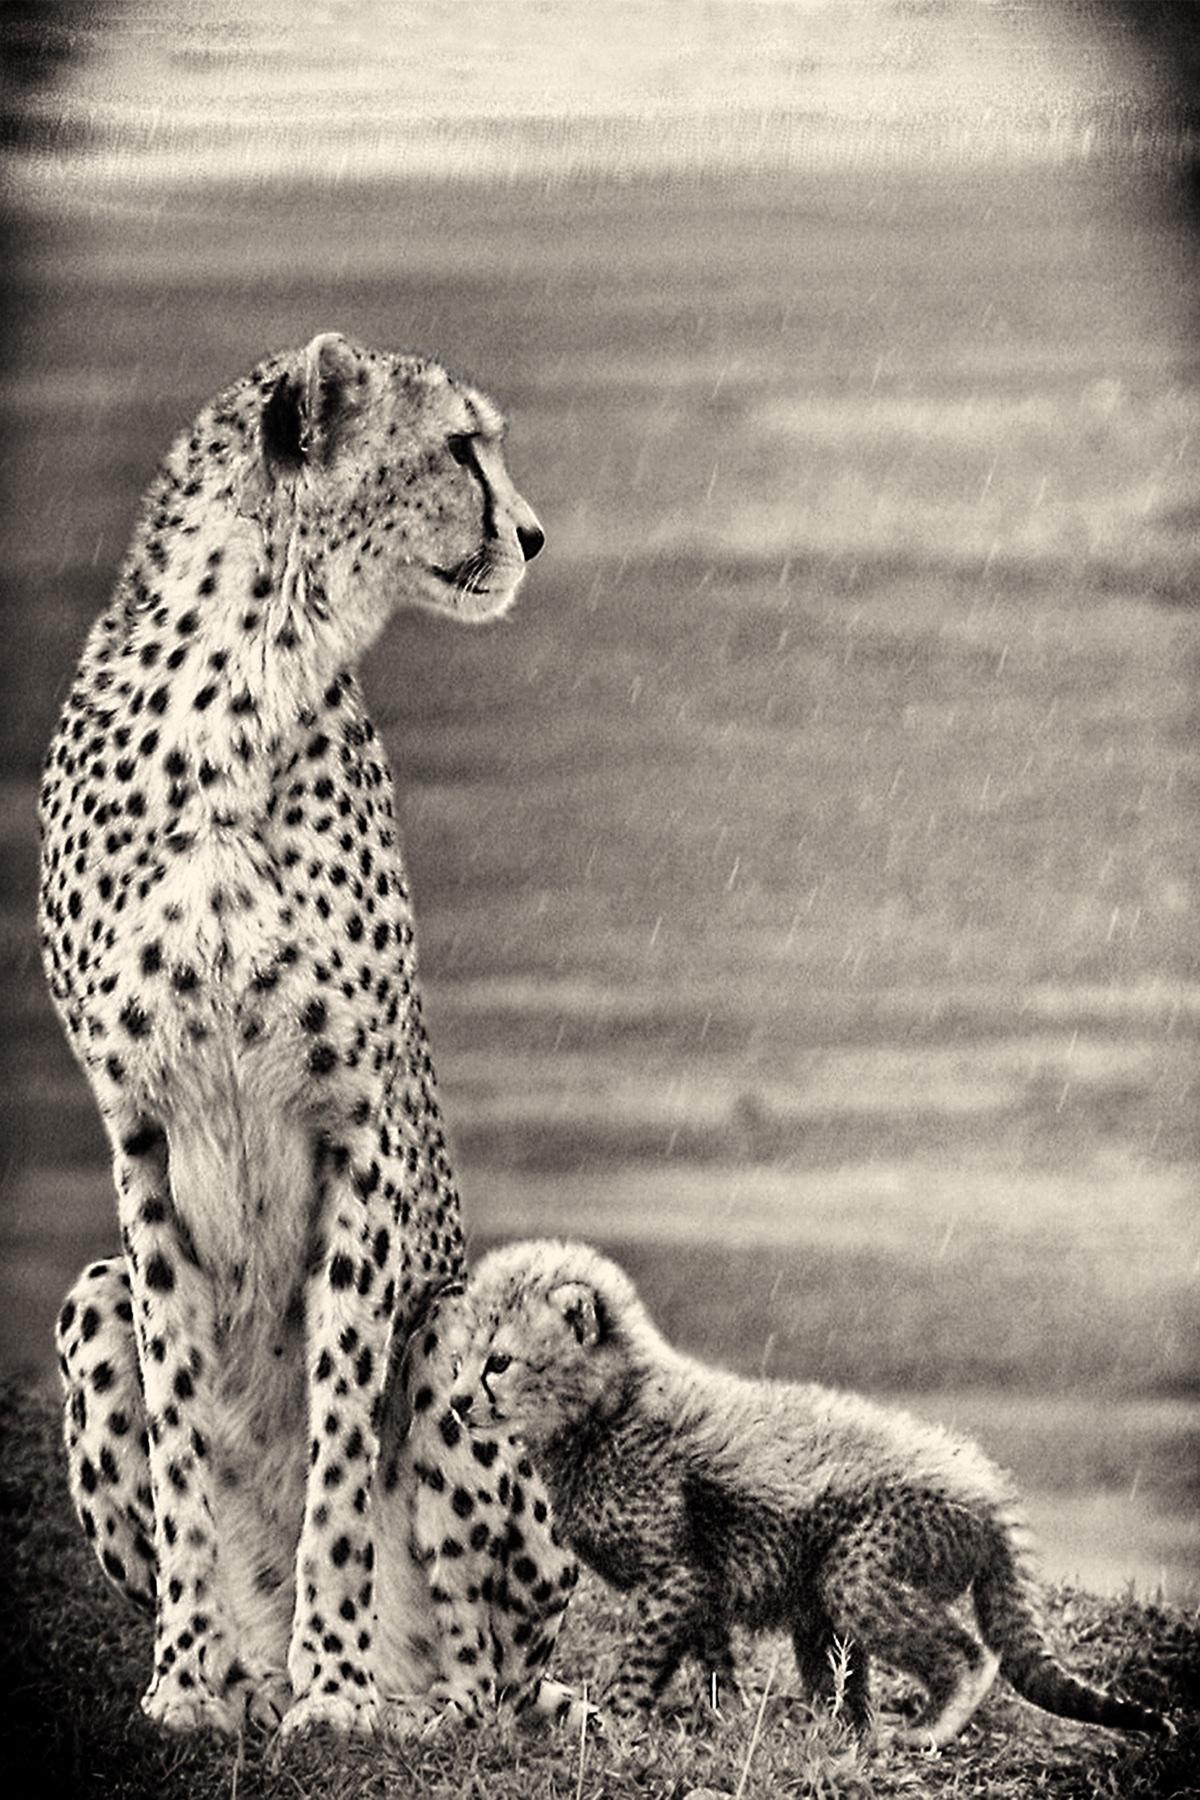 Cheetah & Cub in the Serengeti